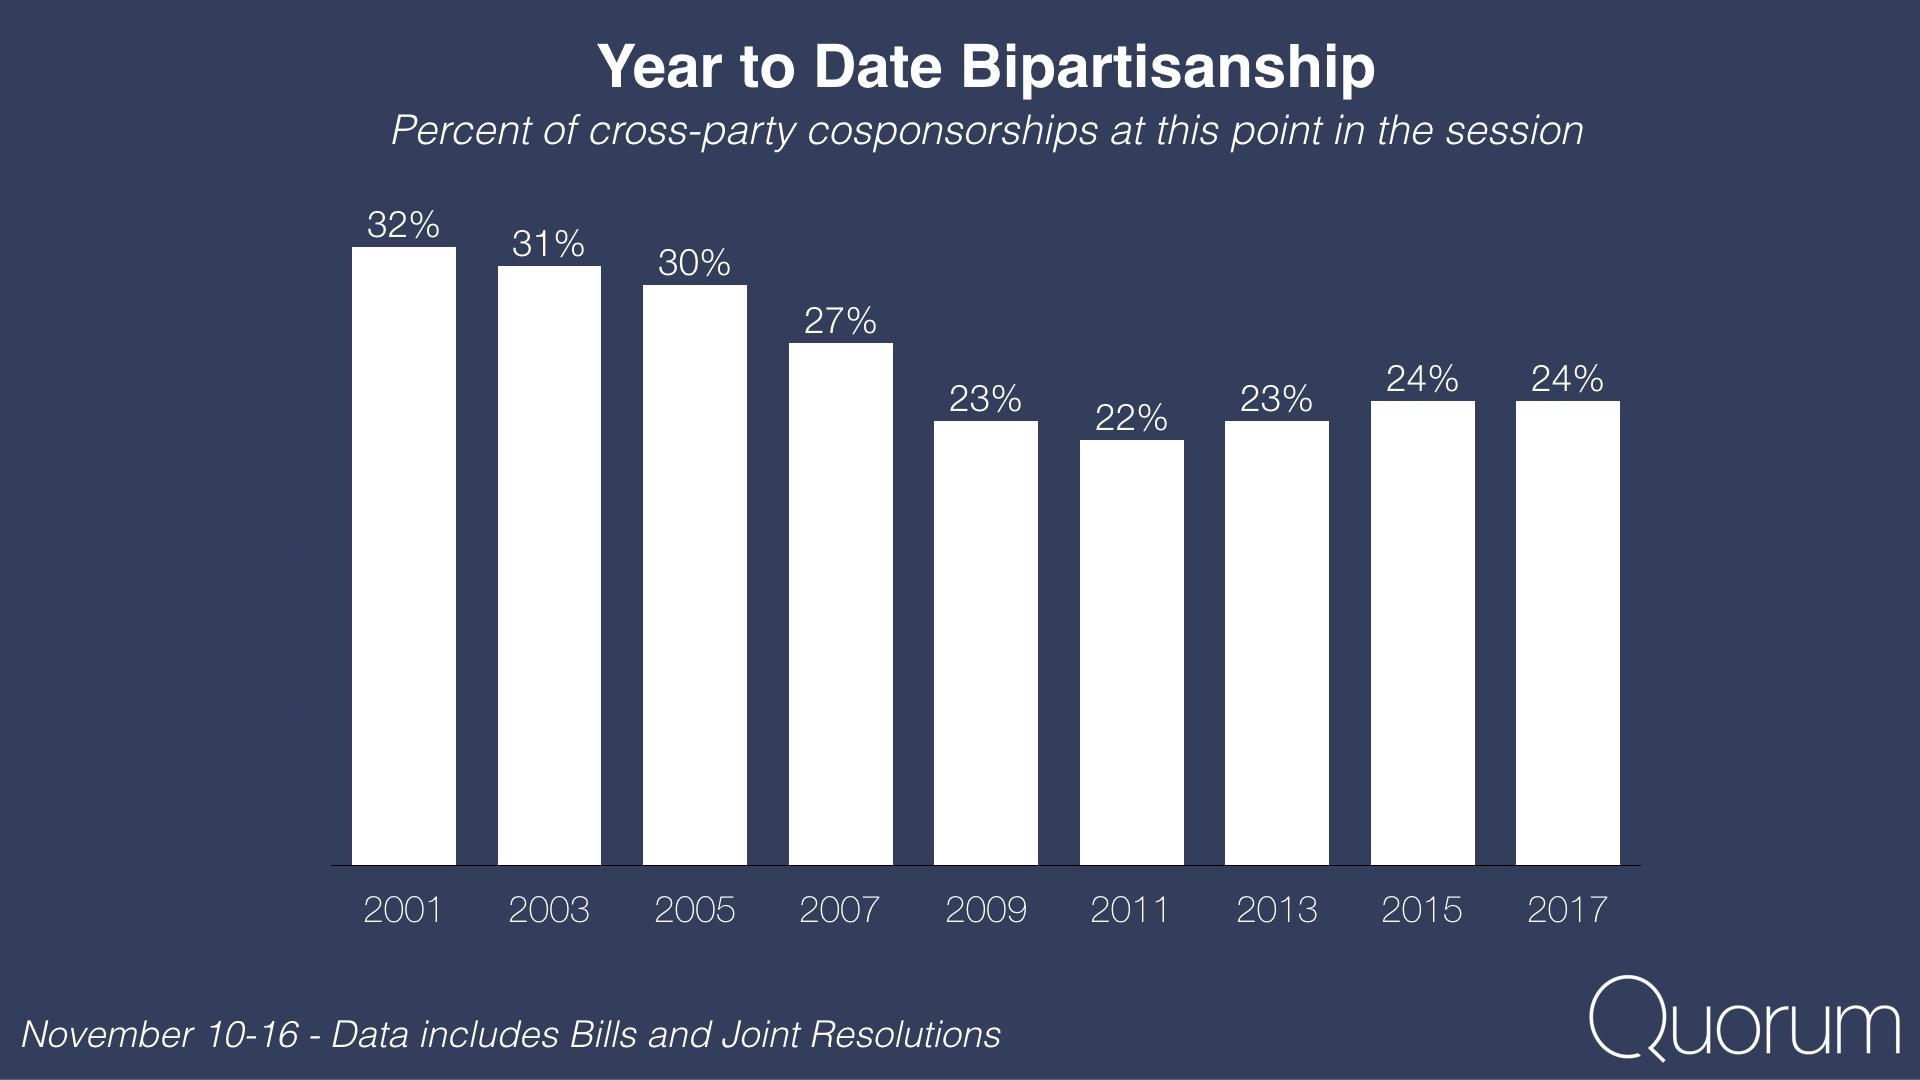 Year to date bipartisanship.